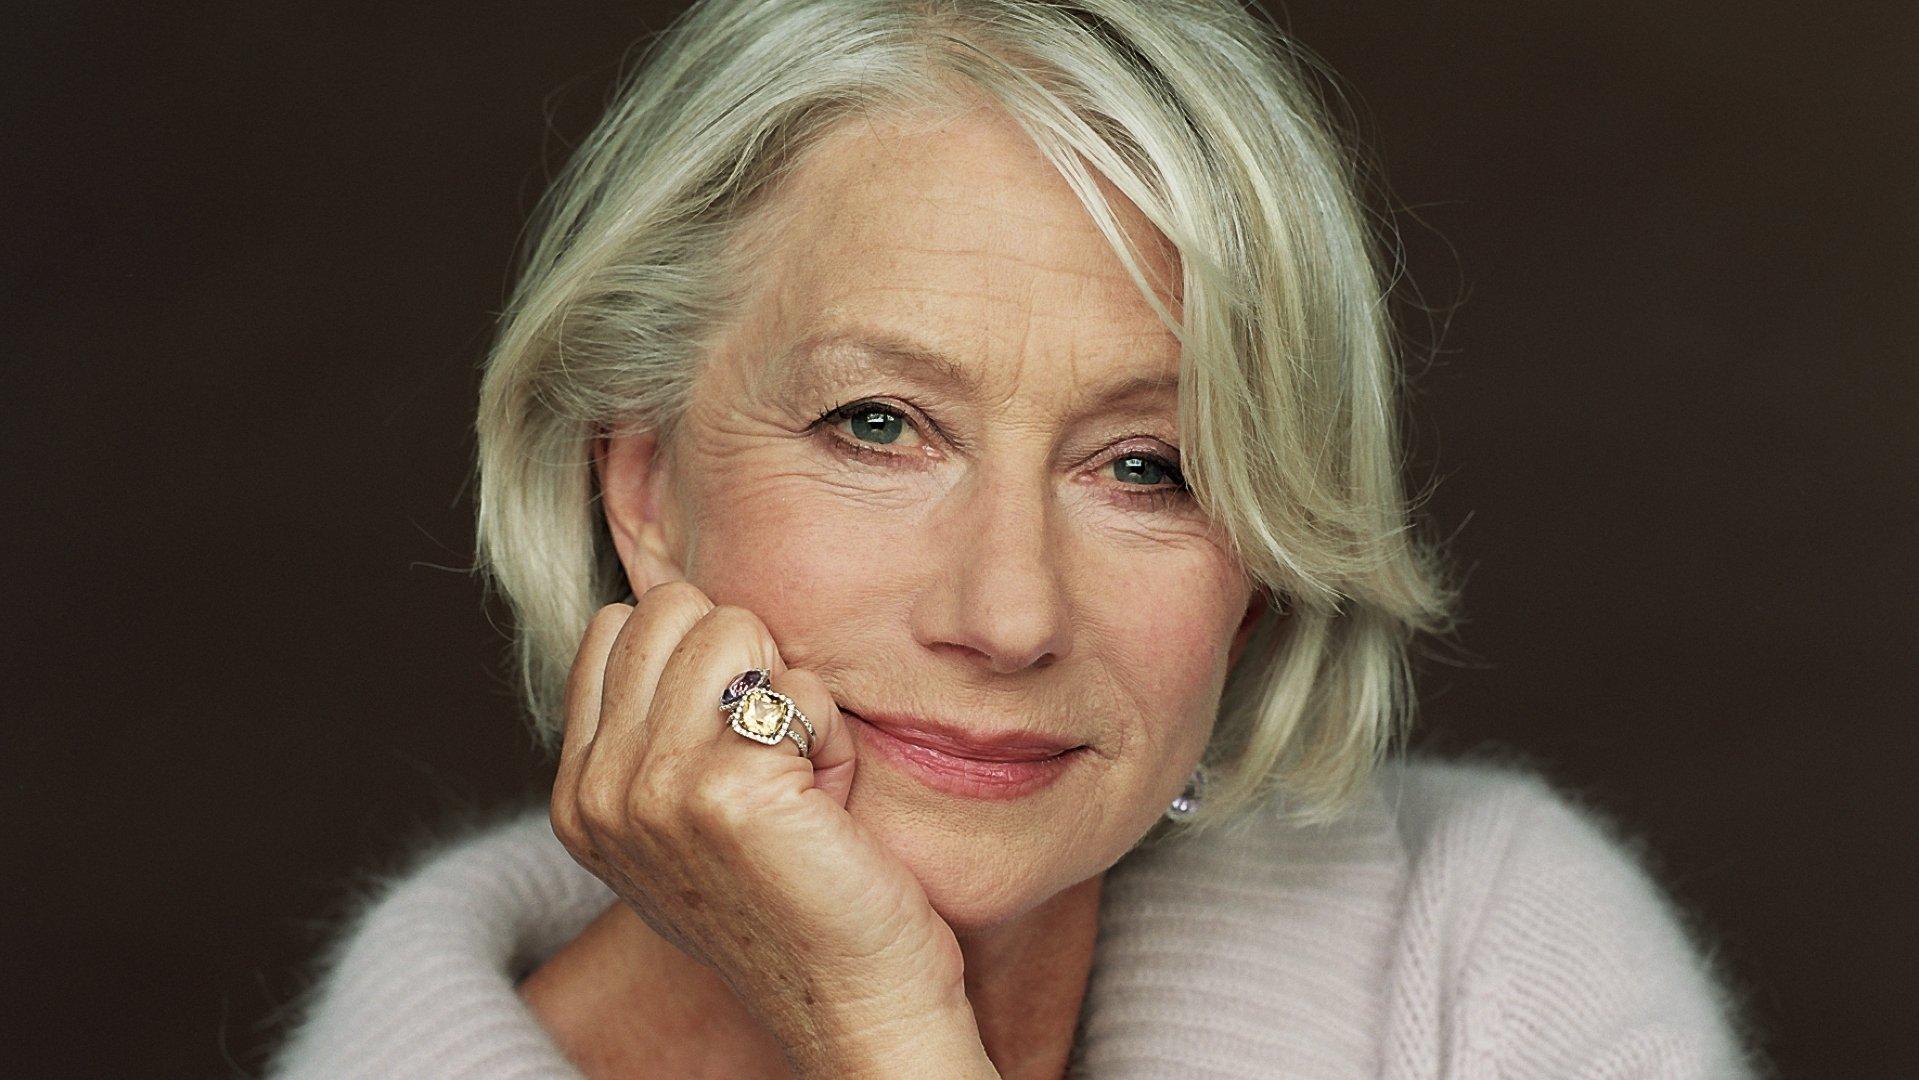 Фото красивых женщин за 60, Зрелые голые женщины 40-60 лет: старые, но не 19 фотография